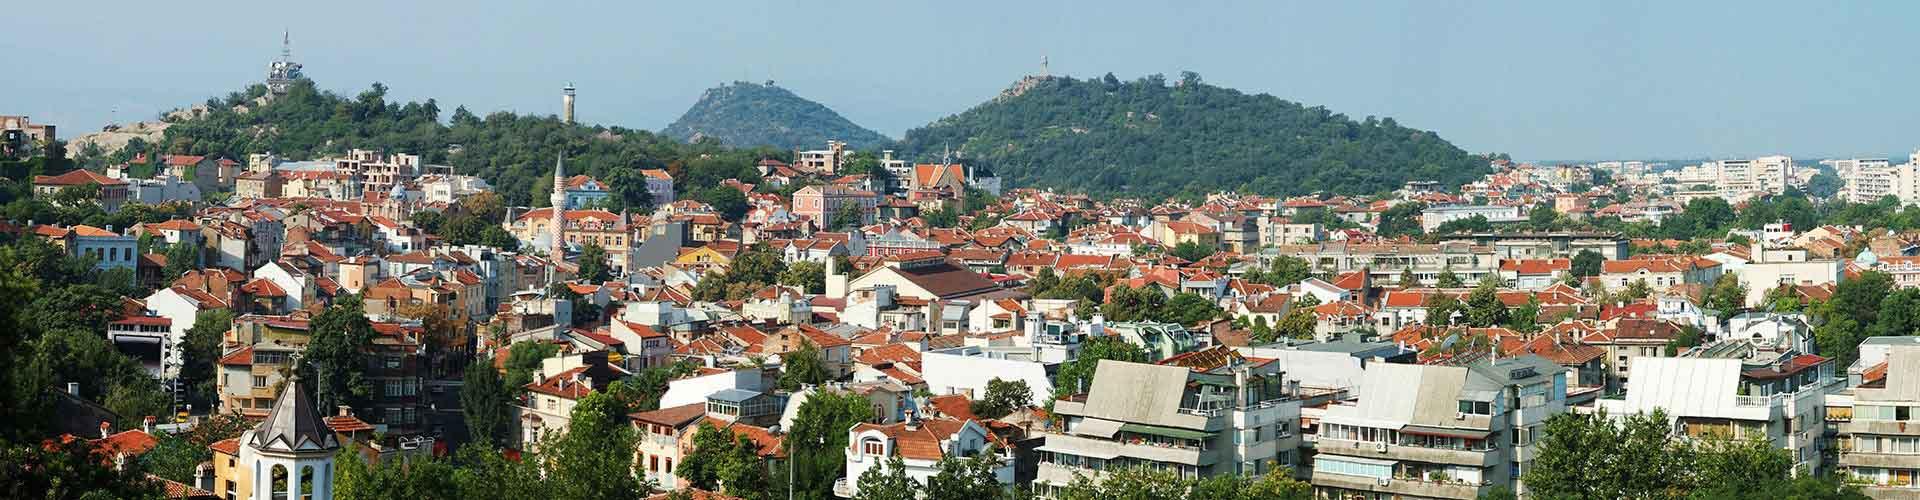 Plovdiv - Appartements dans le quartier de Rayon Trakia. Cartes pour Plovdiv, photos et commentaires pour chaque appartement à Plovdiv.